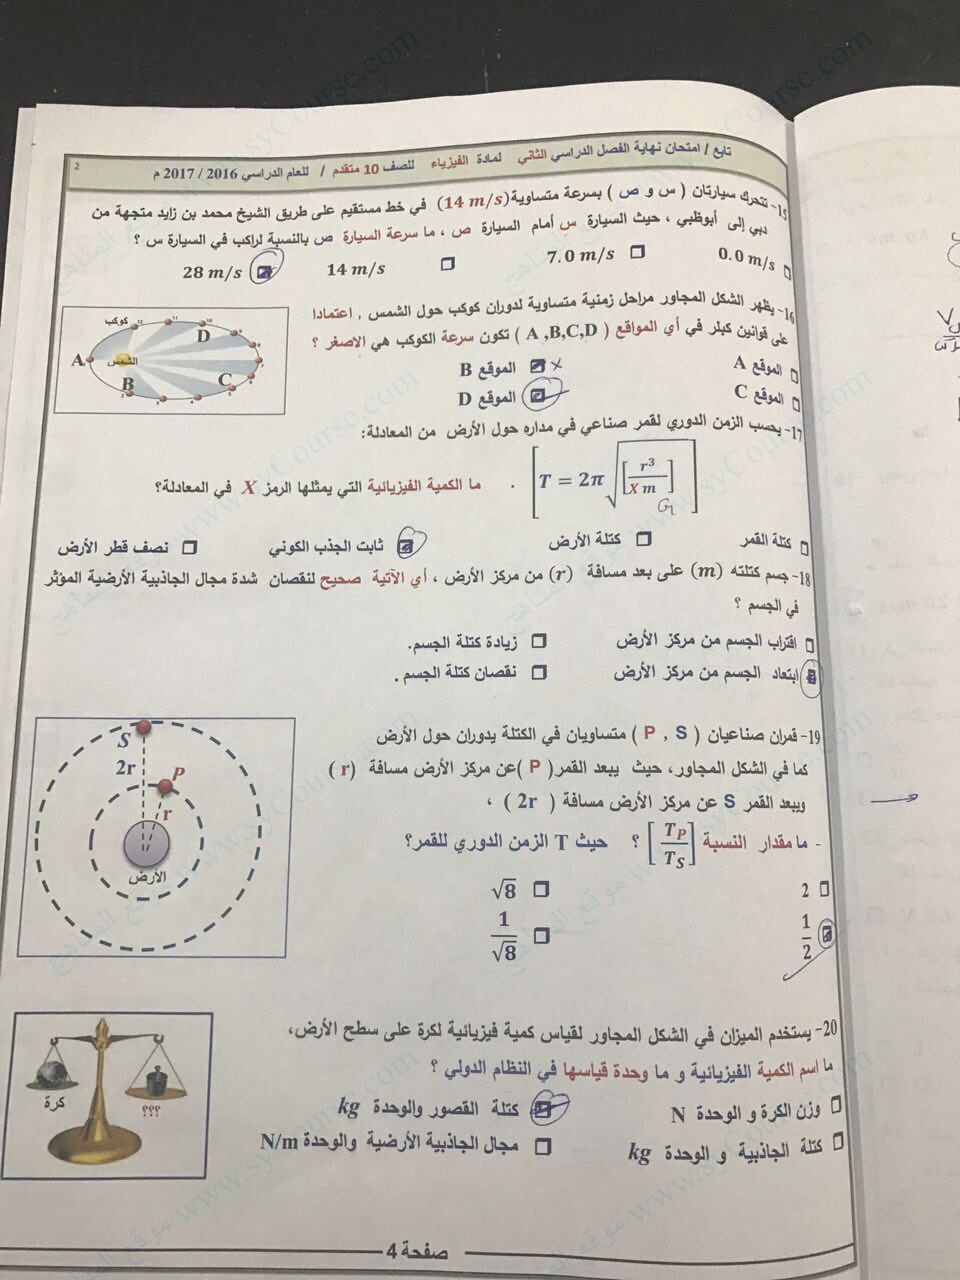 اسئلة امتحان فيزياء الصف العاشر متقدم الفصل الثاني